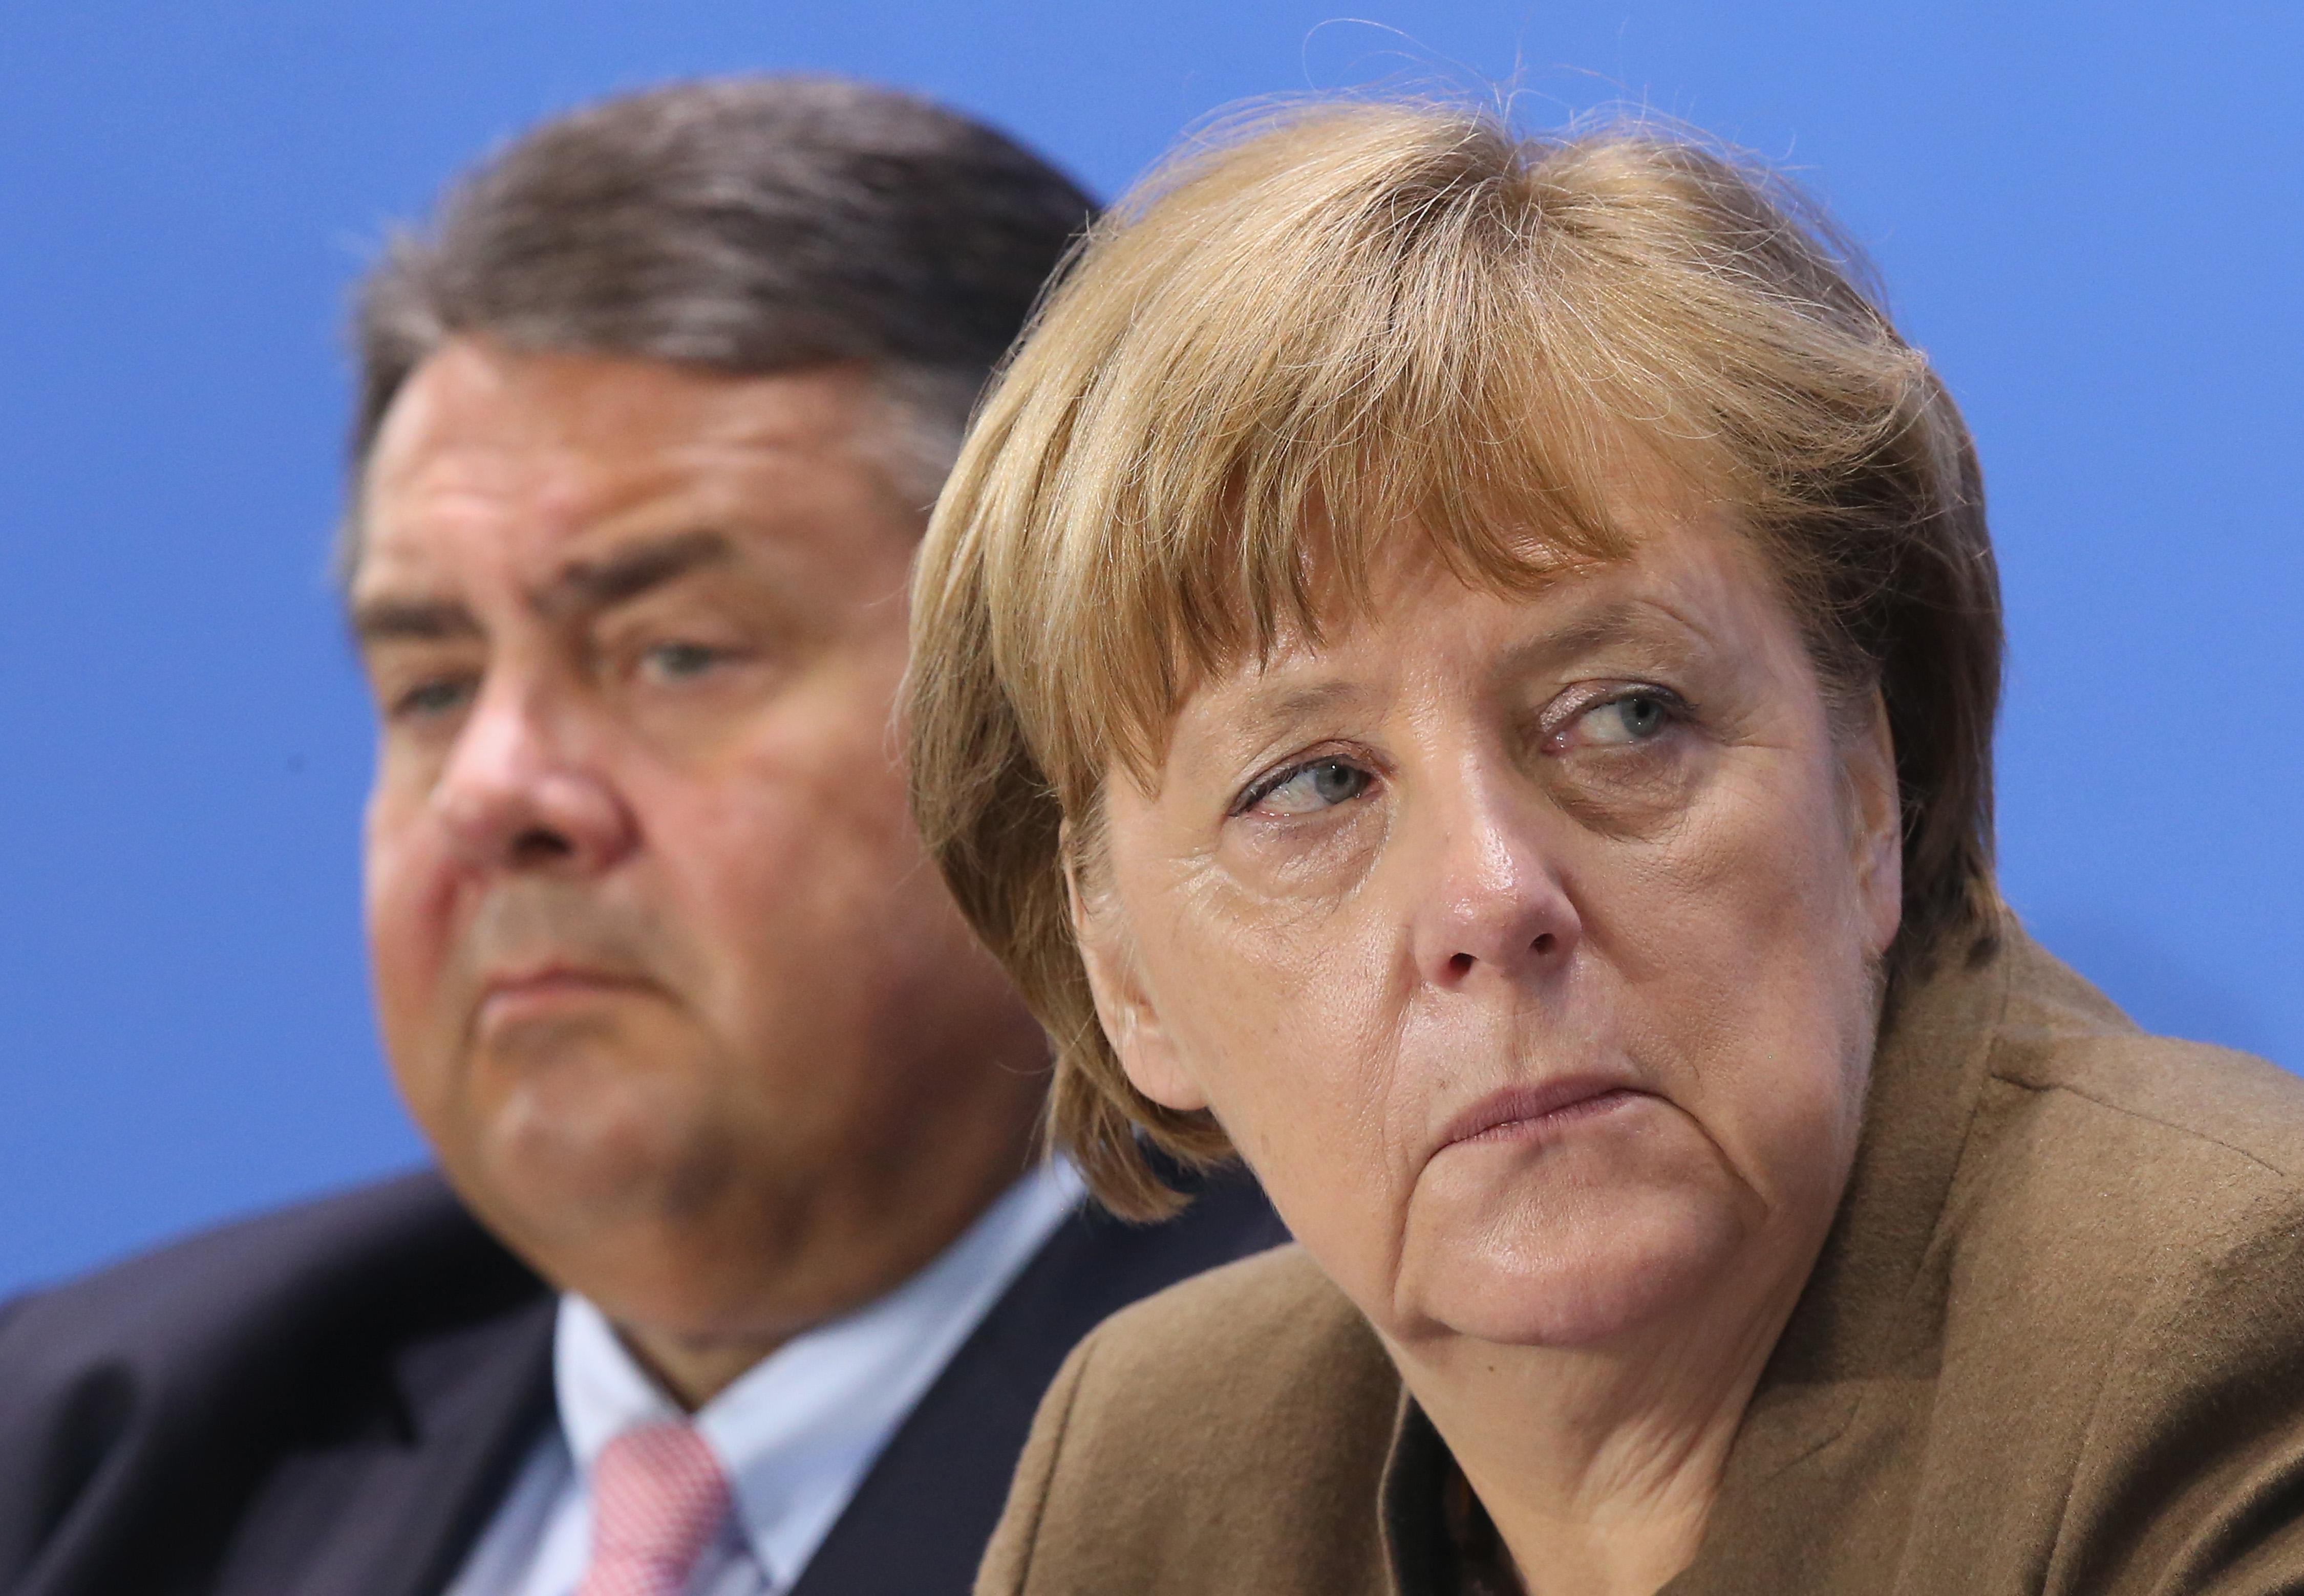 Wahlkampf 2017: Asylpolitik spaltet Deutschland – SPD-Chef Gabriel plötzlich gegen Merkel